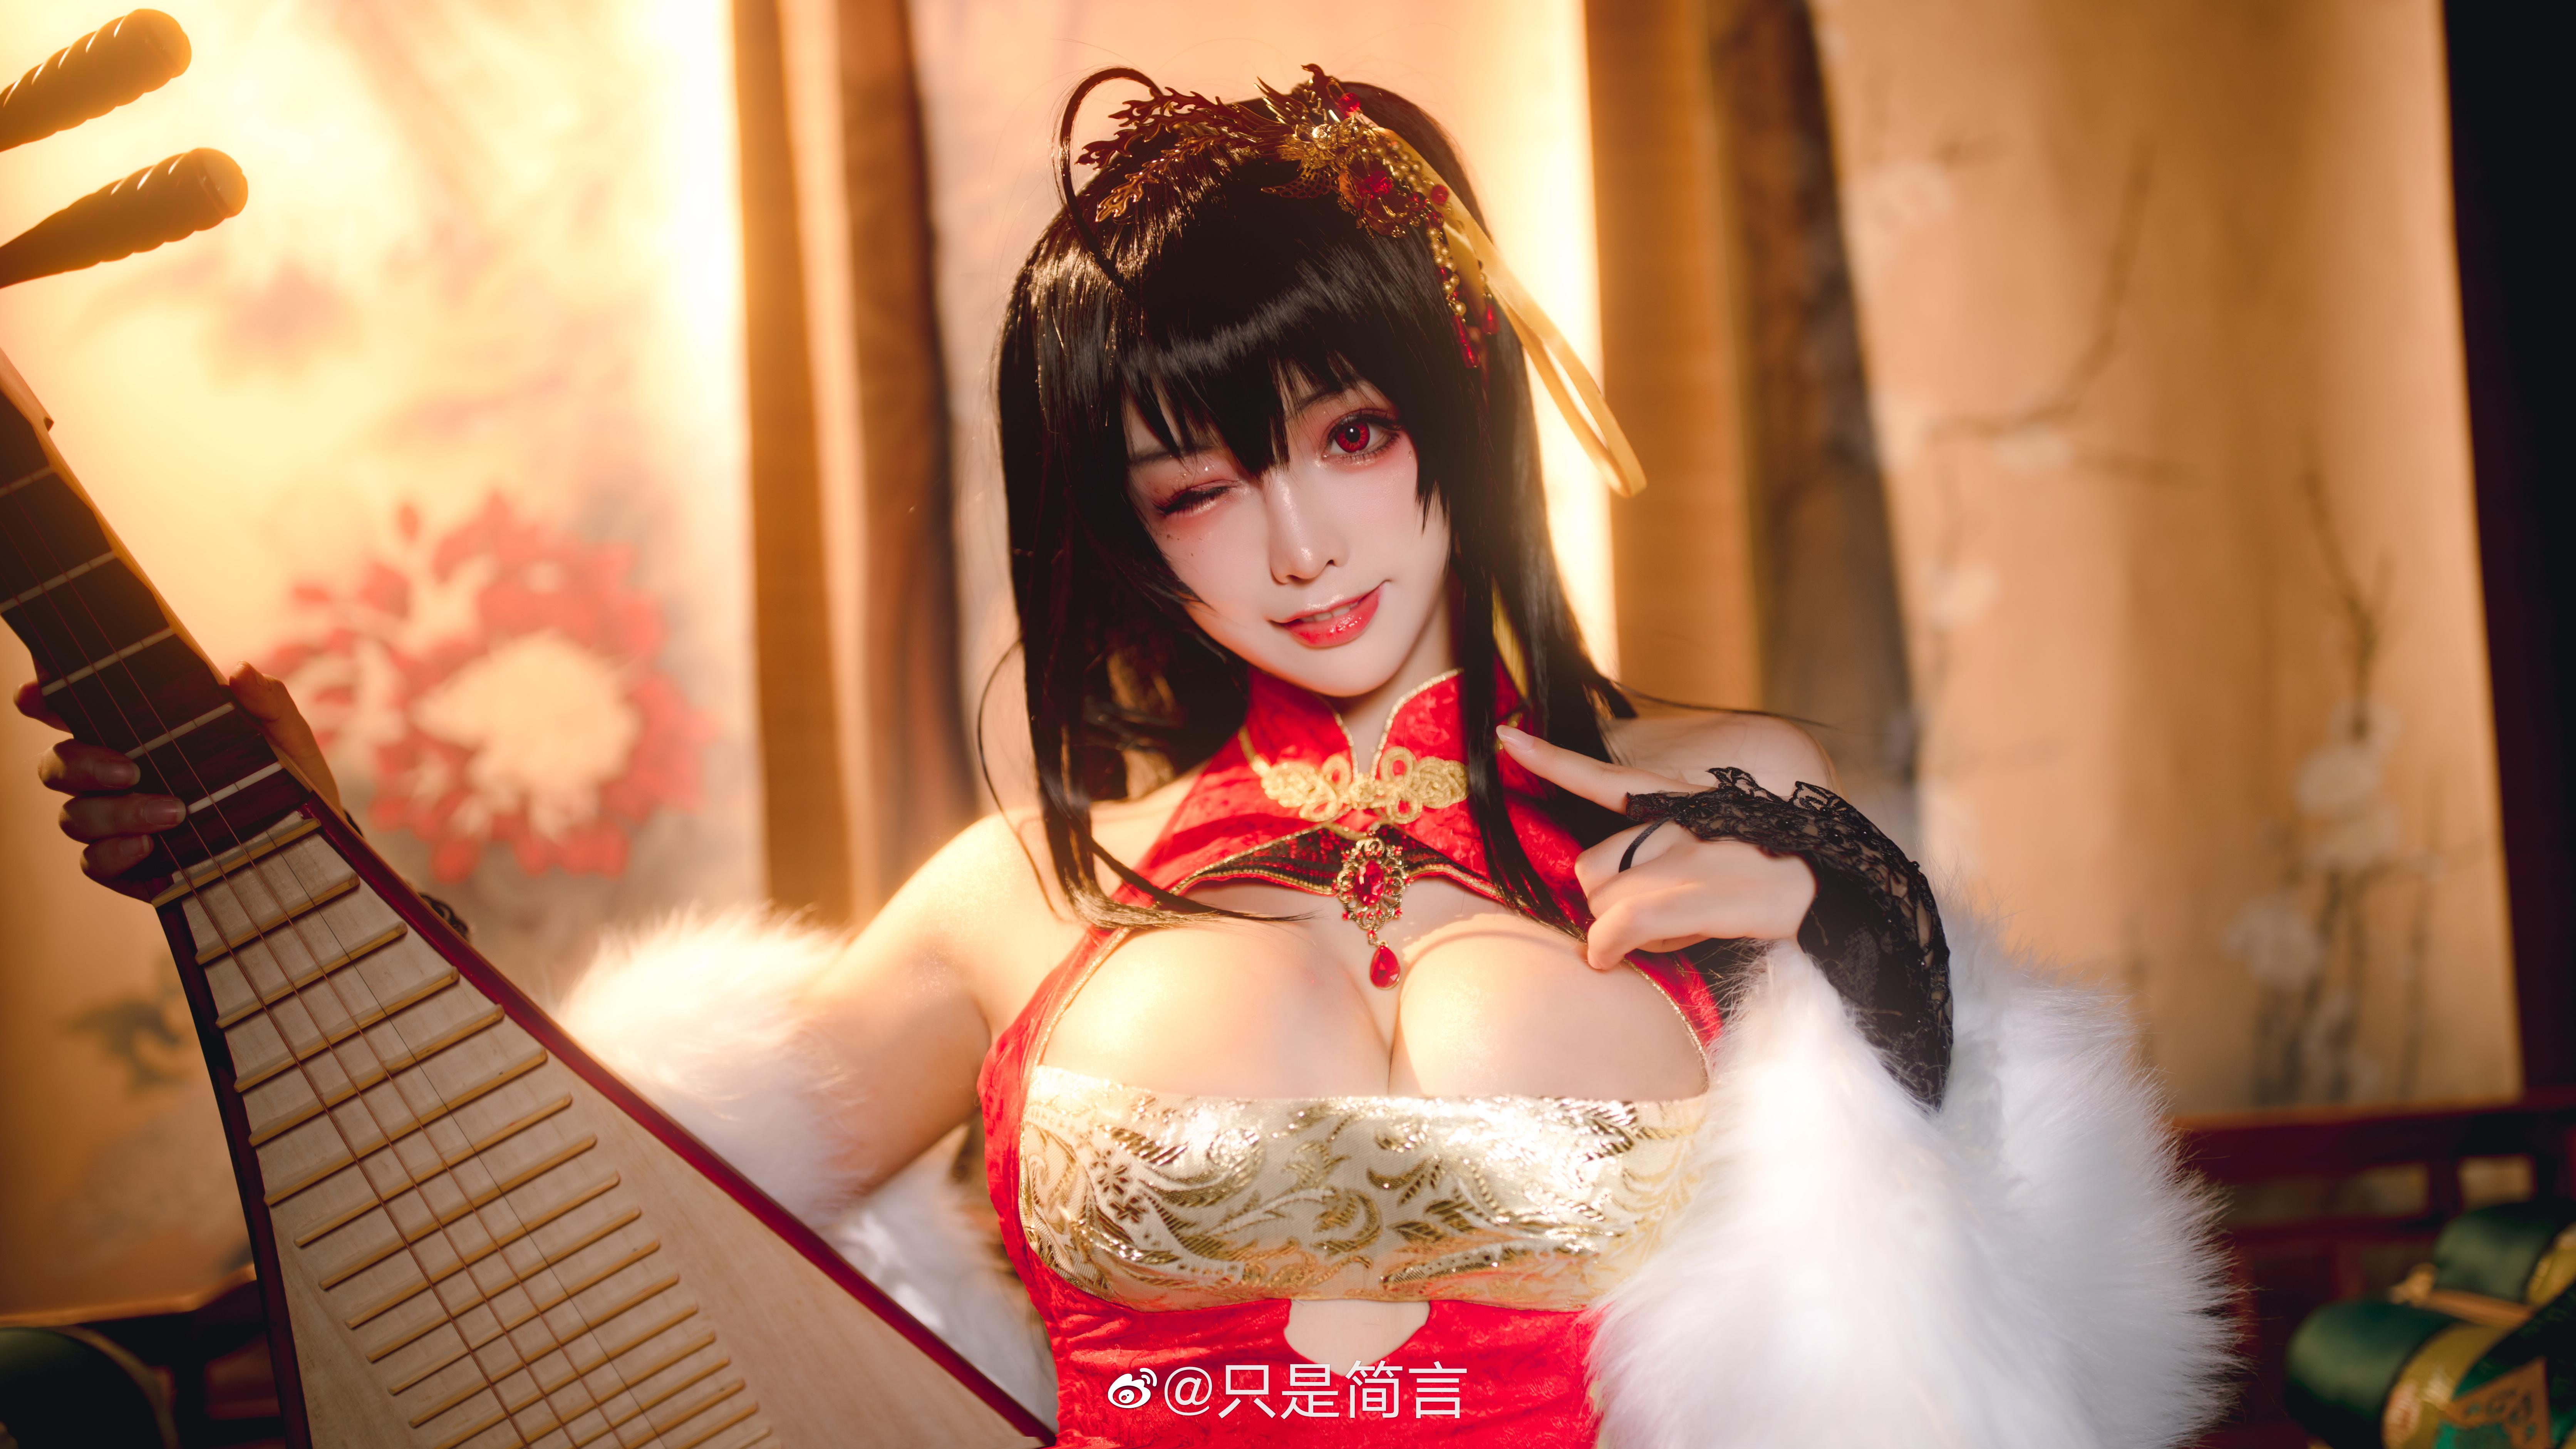 碧蓝航线 大凤新春旗袍 Cosplay-第5张